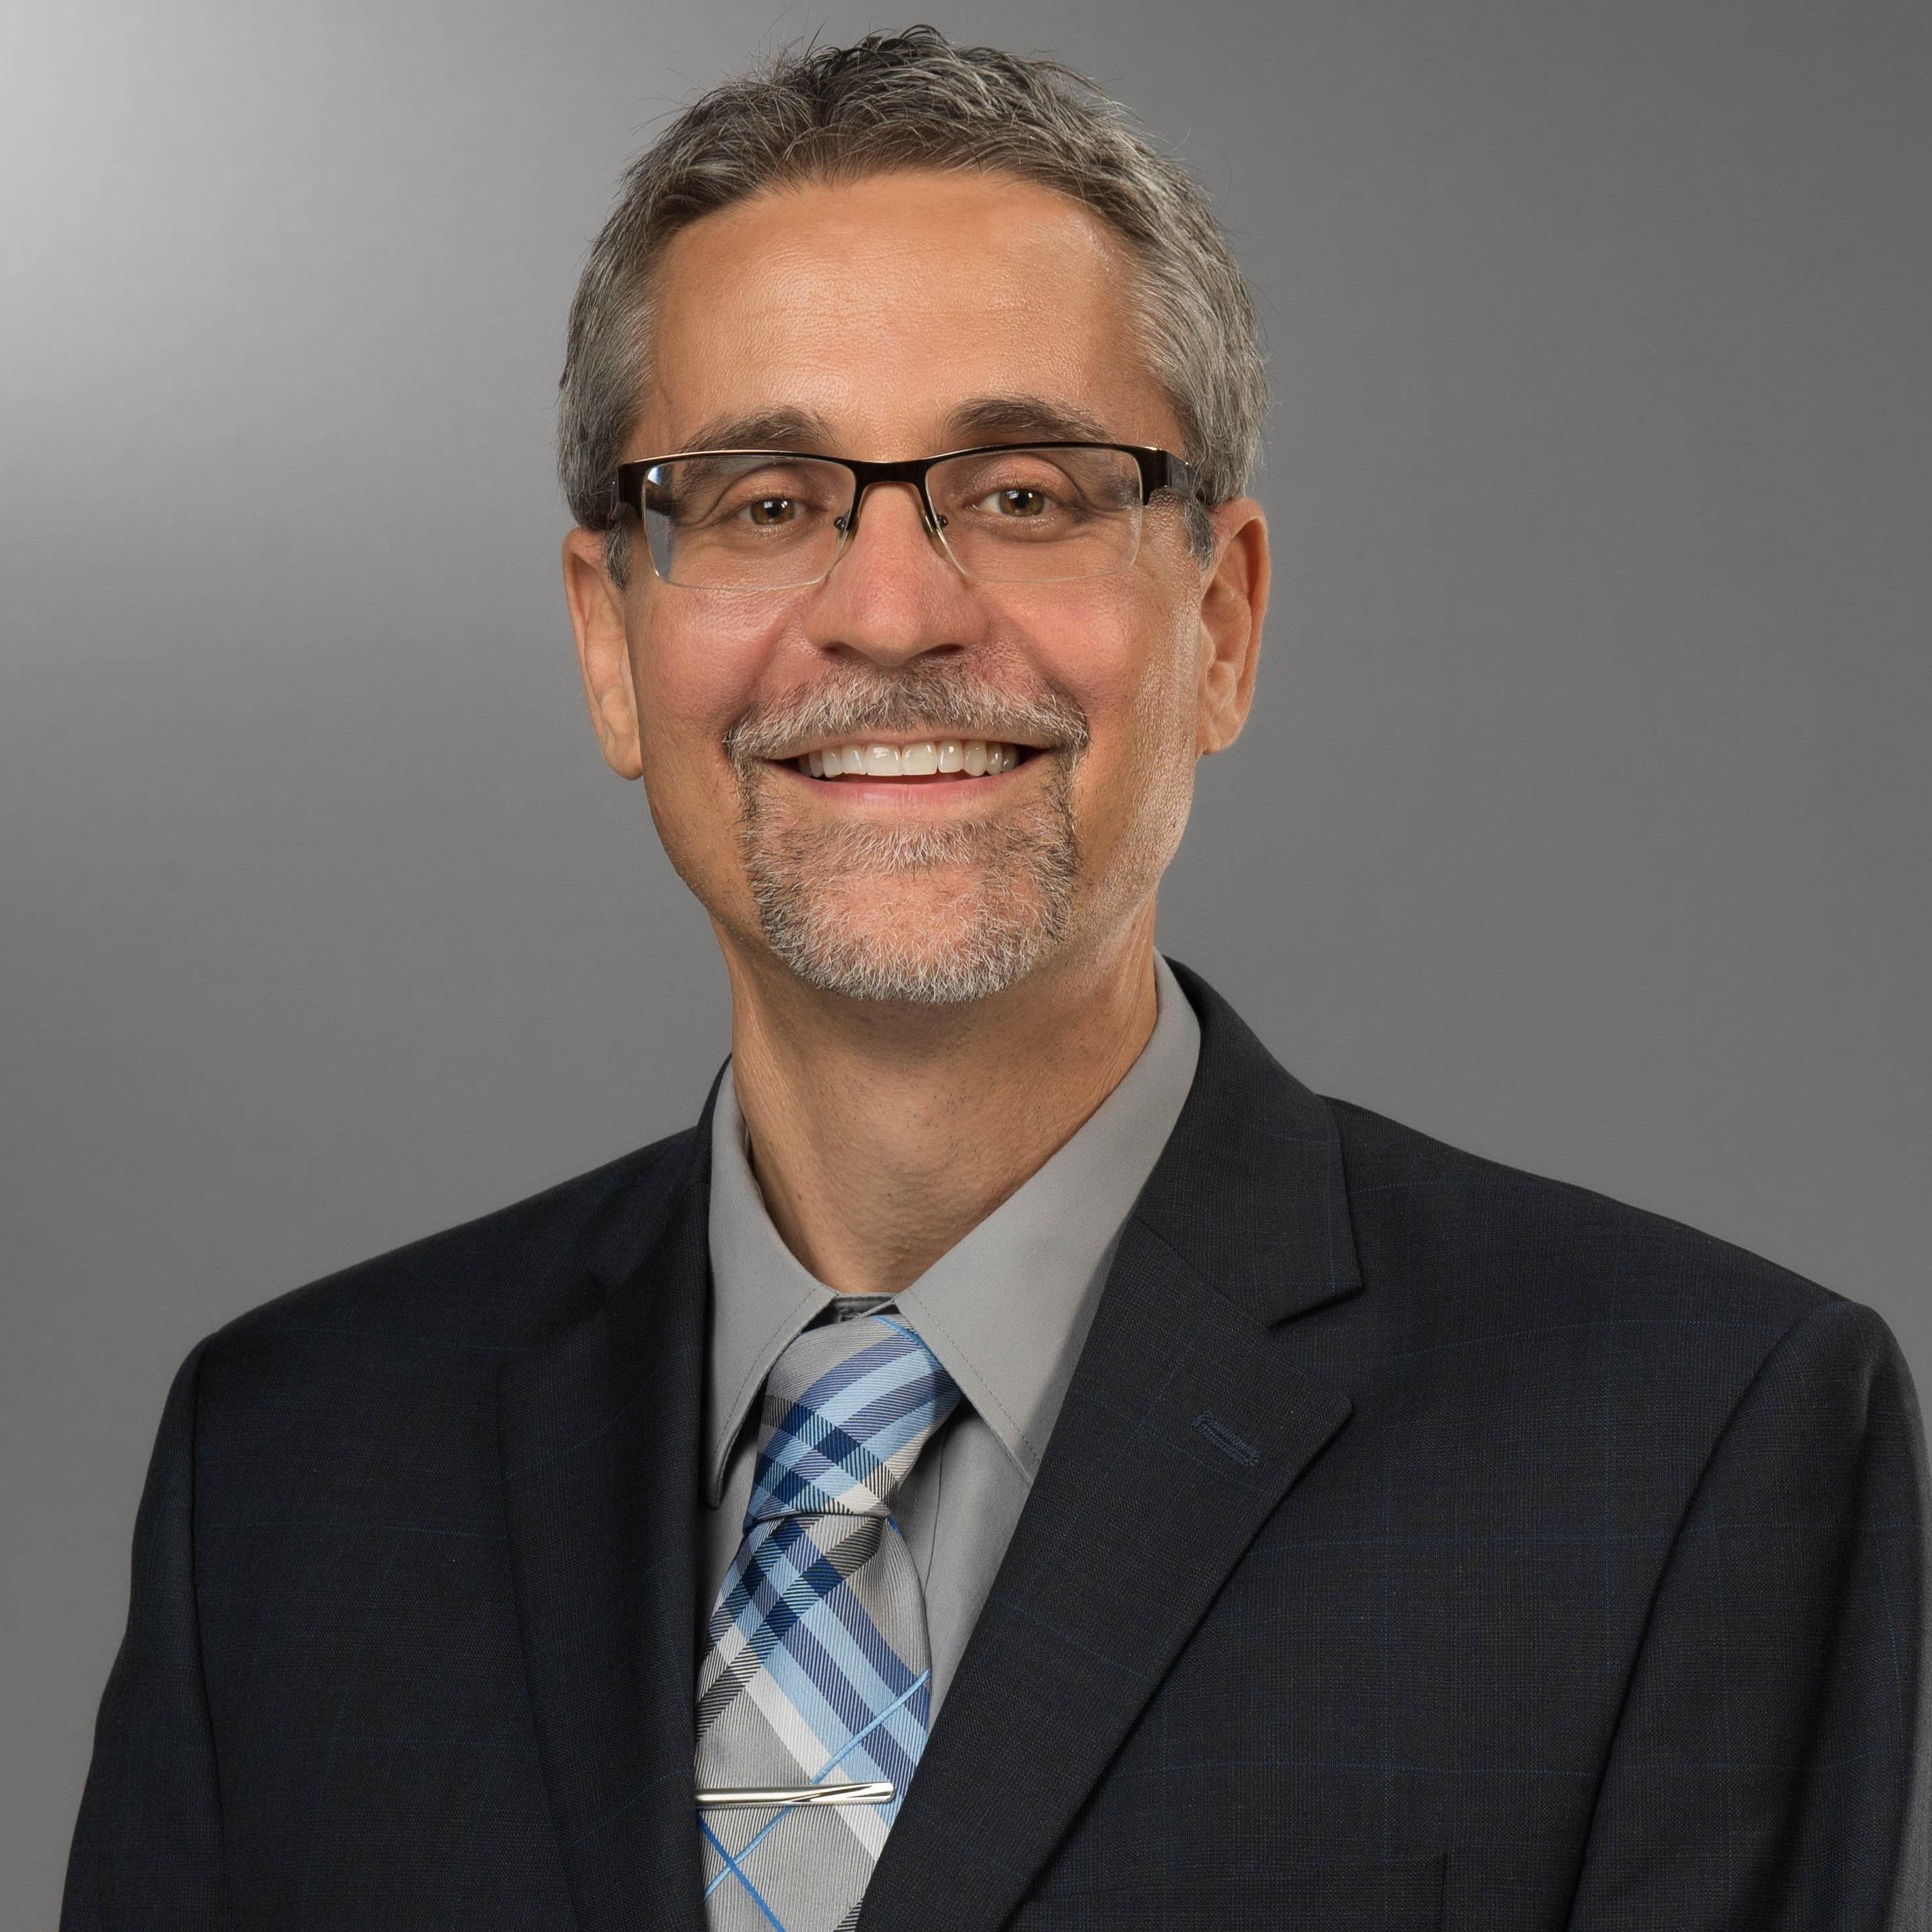 Dr. Aaron Brown